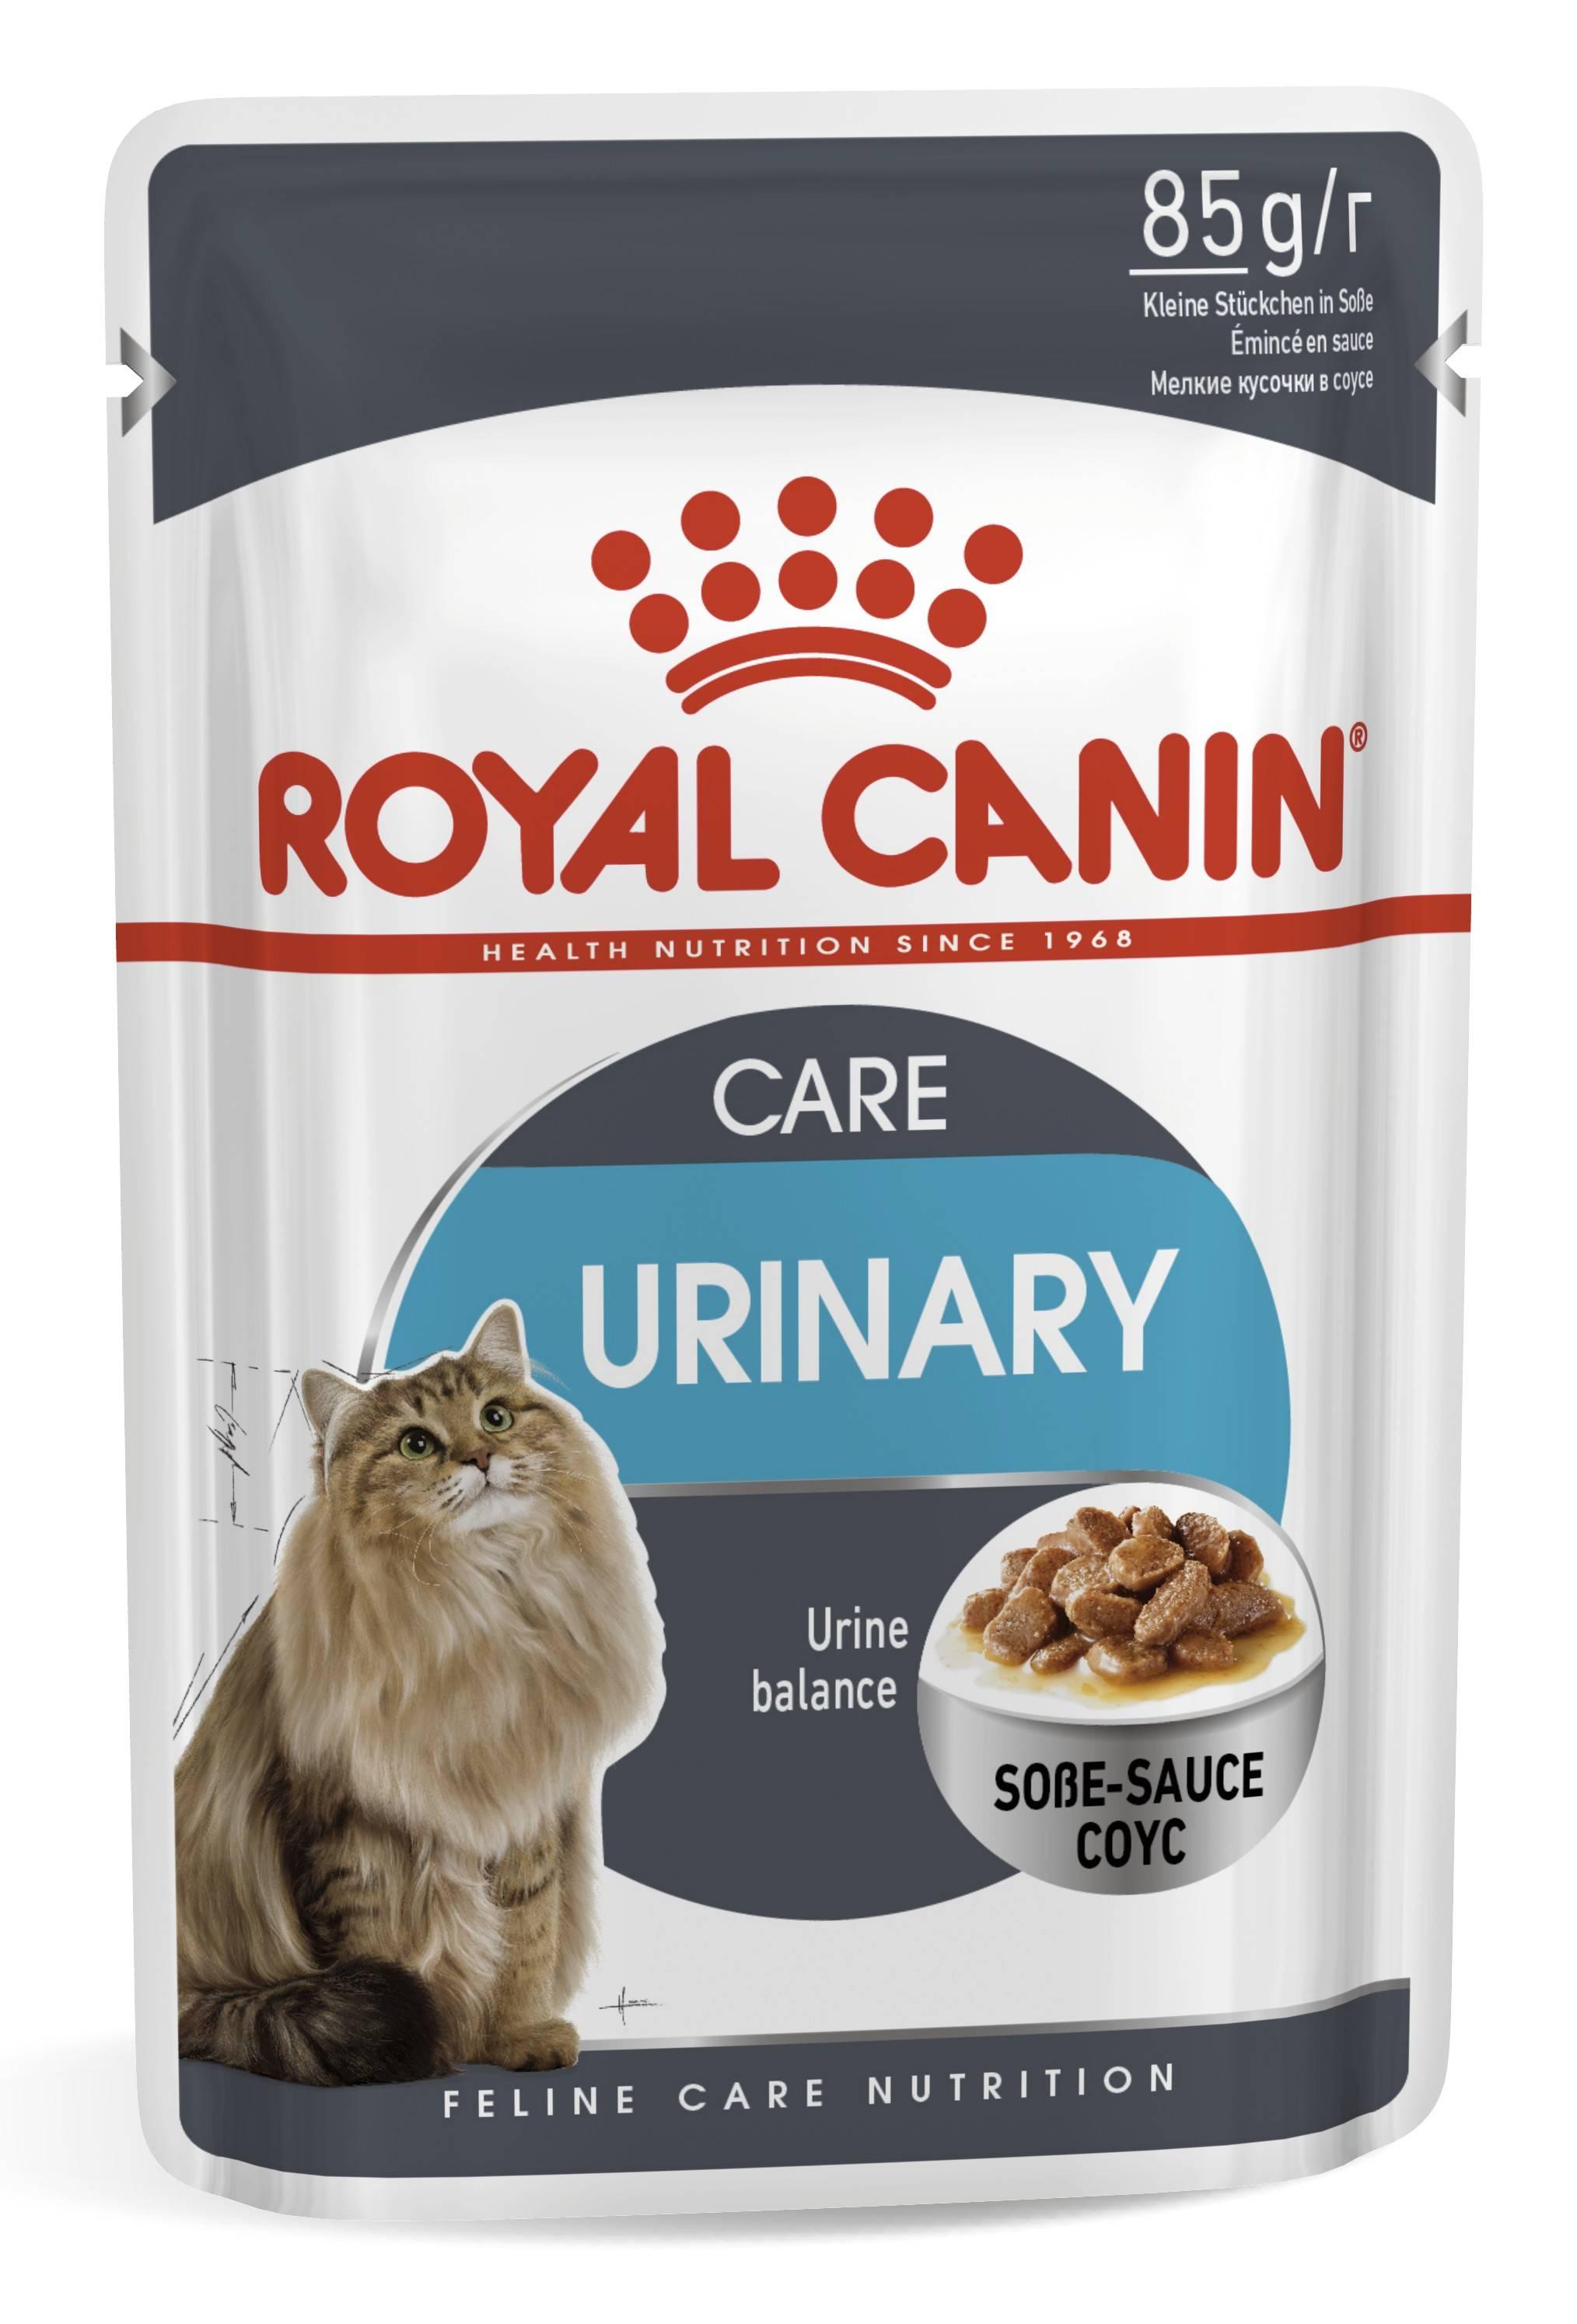 ROYAL CANIN URINARY CARE – вологий корм для дорослих котів для підтримки здоров'я сечовидільної сиситеми